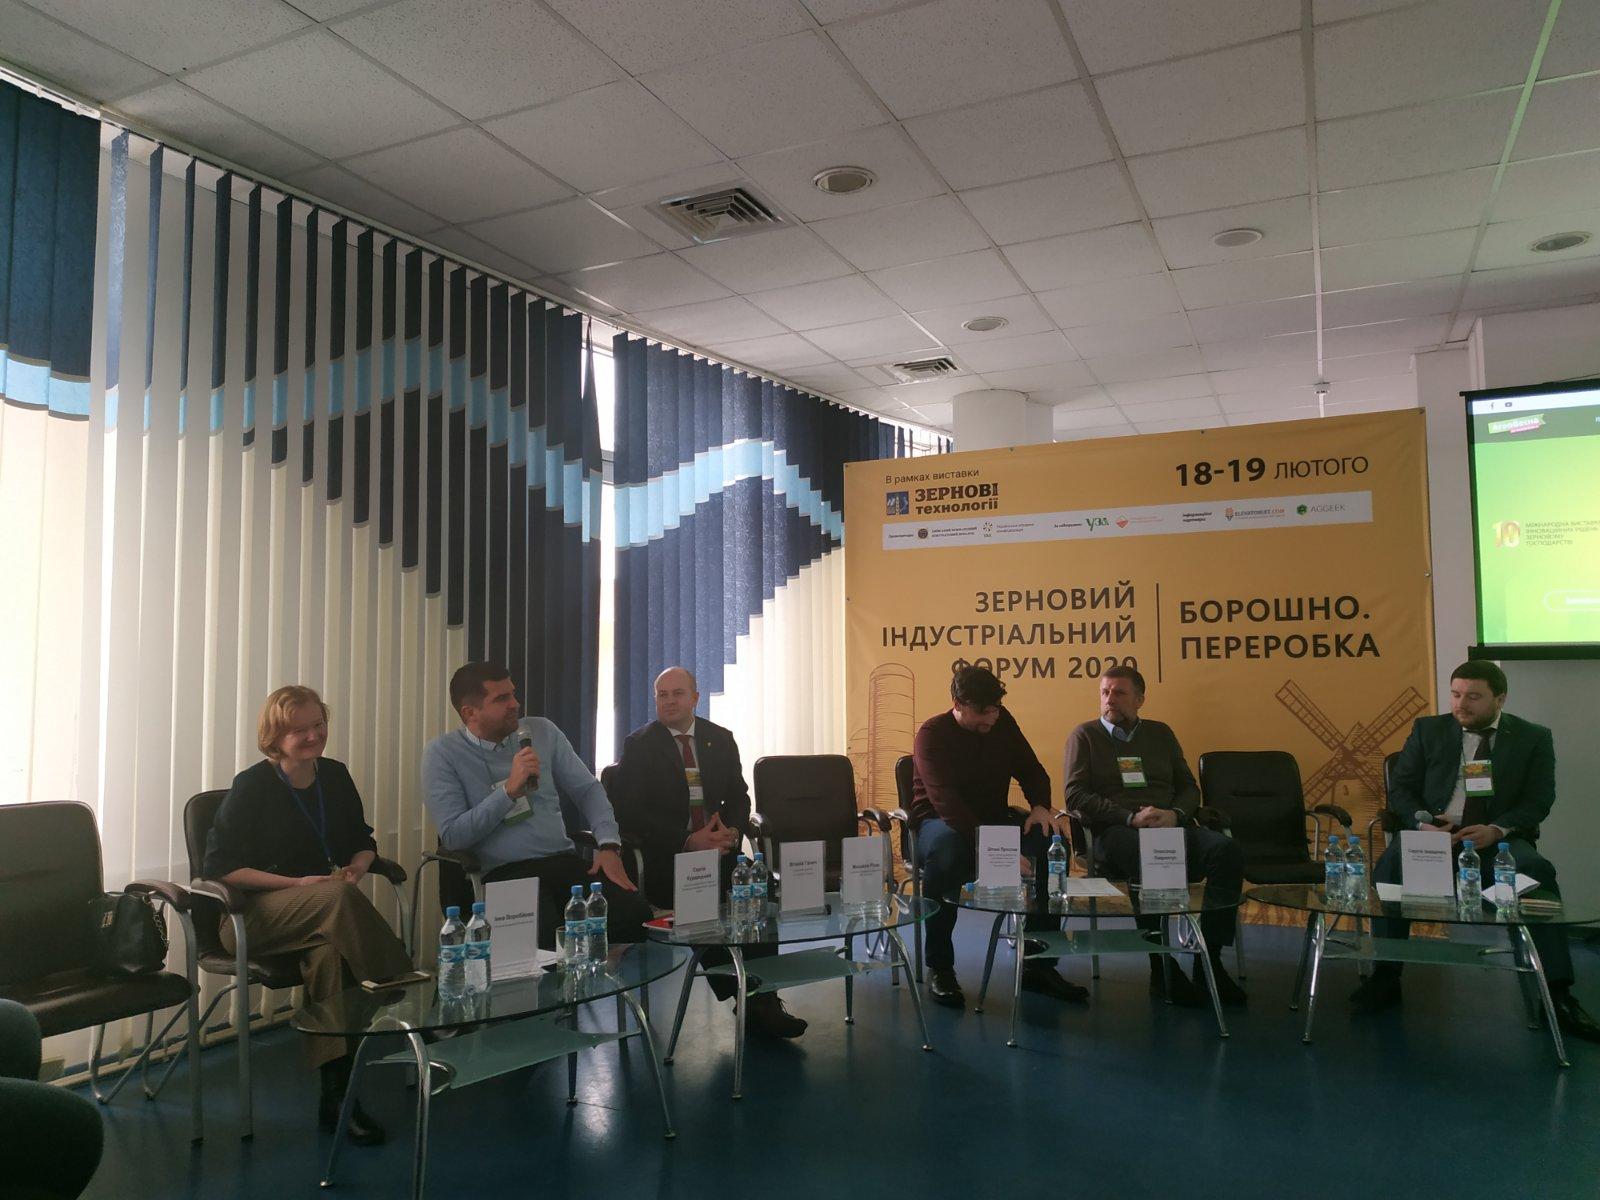 ind-forum-2020-3.jpg